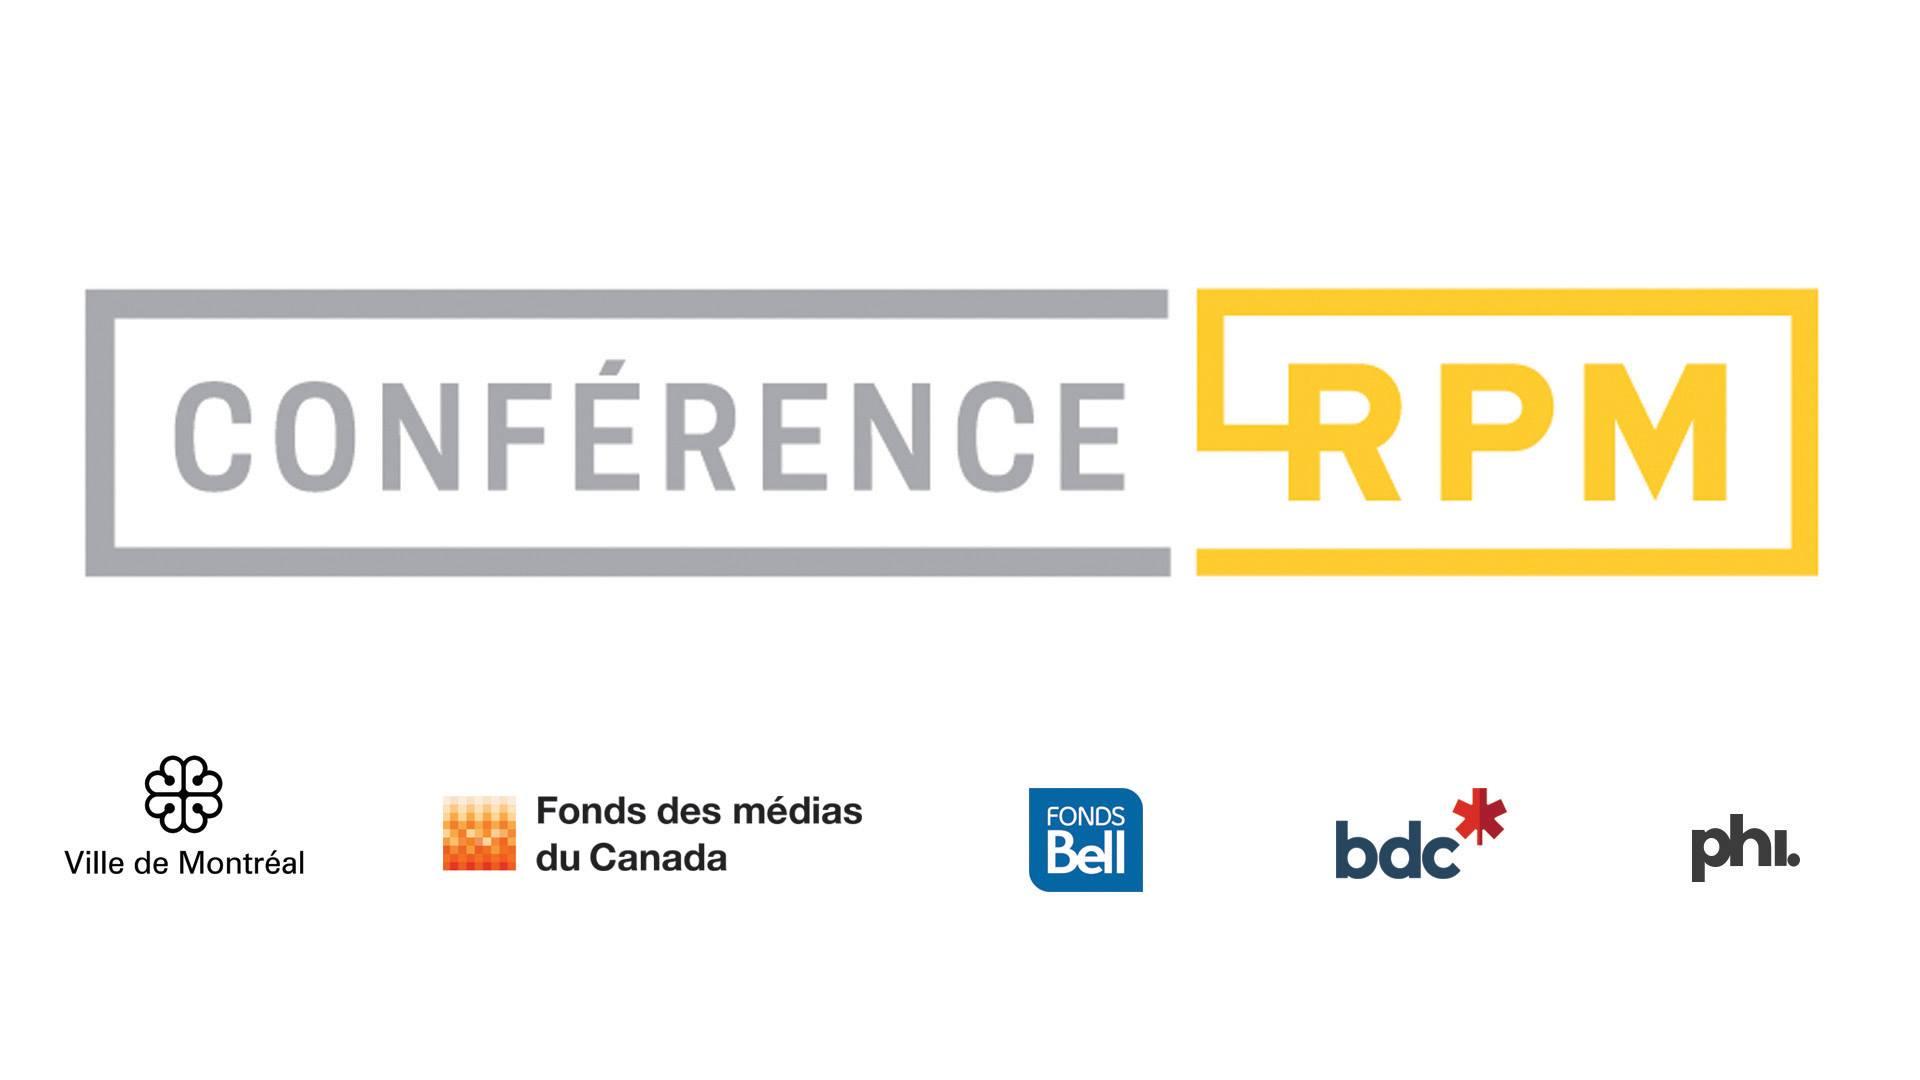 Conférence RPM,  Regroupement des producteurs multimédia